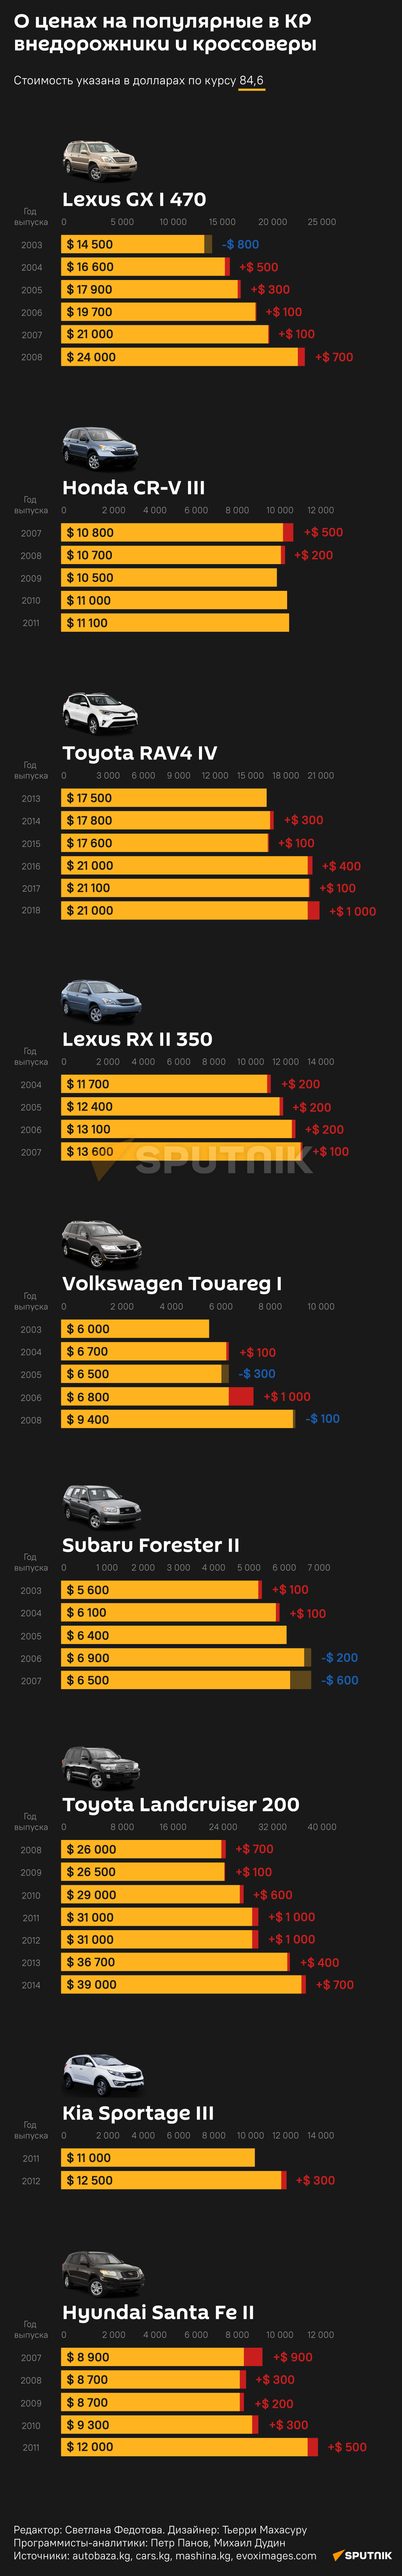 Цены на популярные внедорожники и кроссоверы 18.06